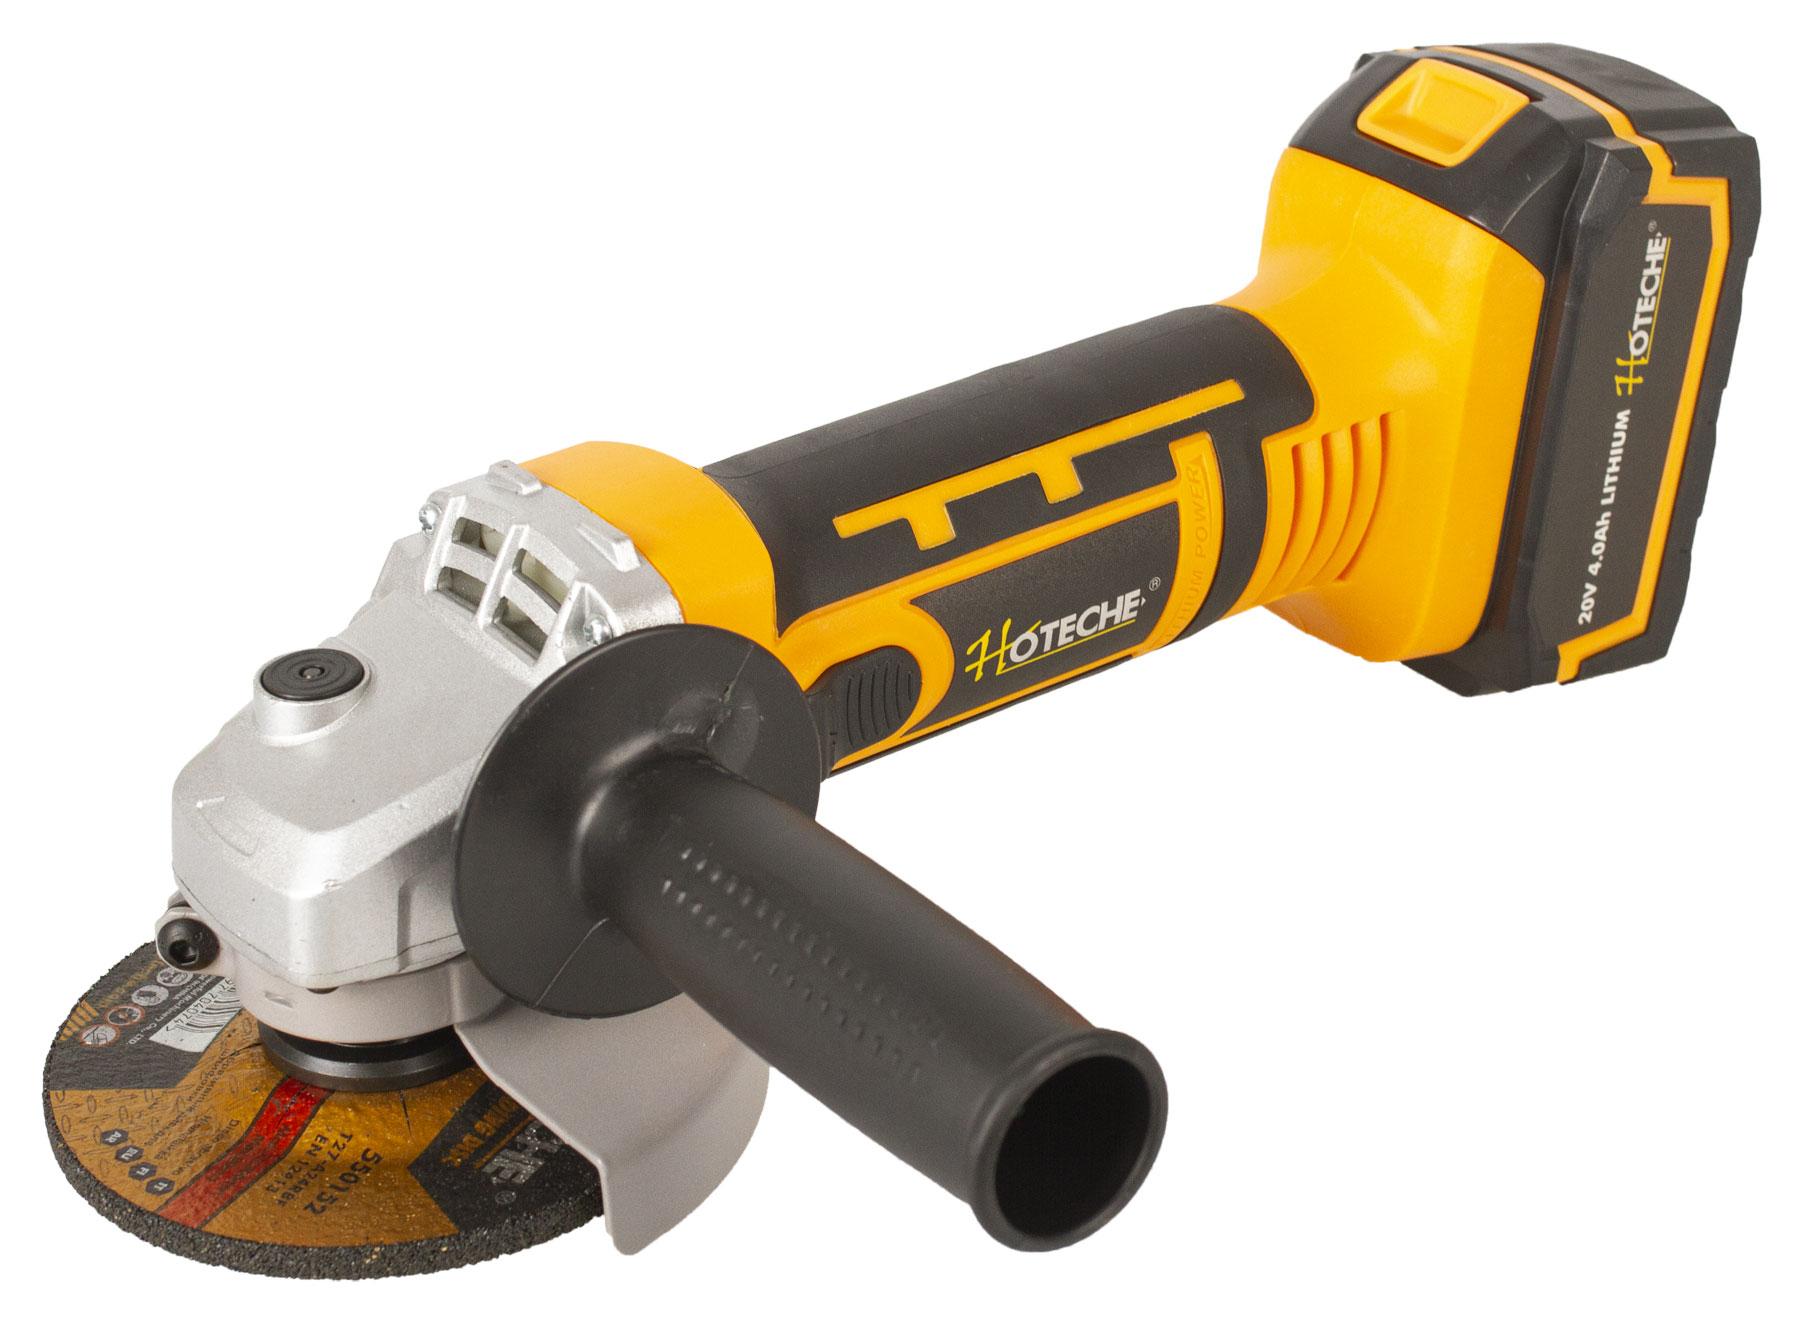 AKU úhlová bruska 115mm, 8000 ot/min - HTP800110